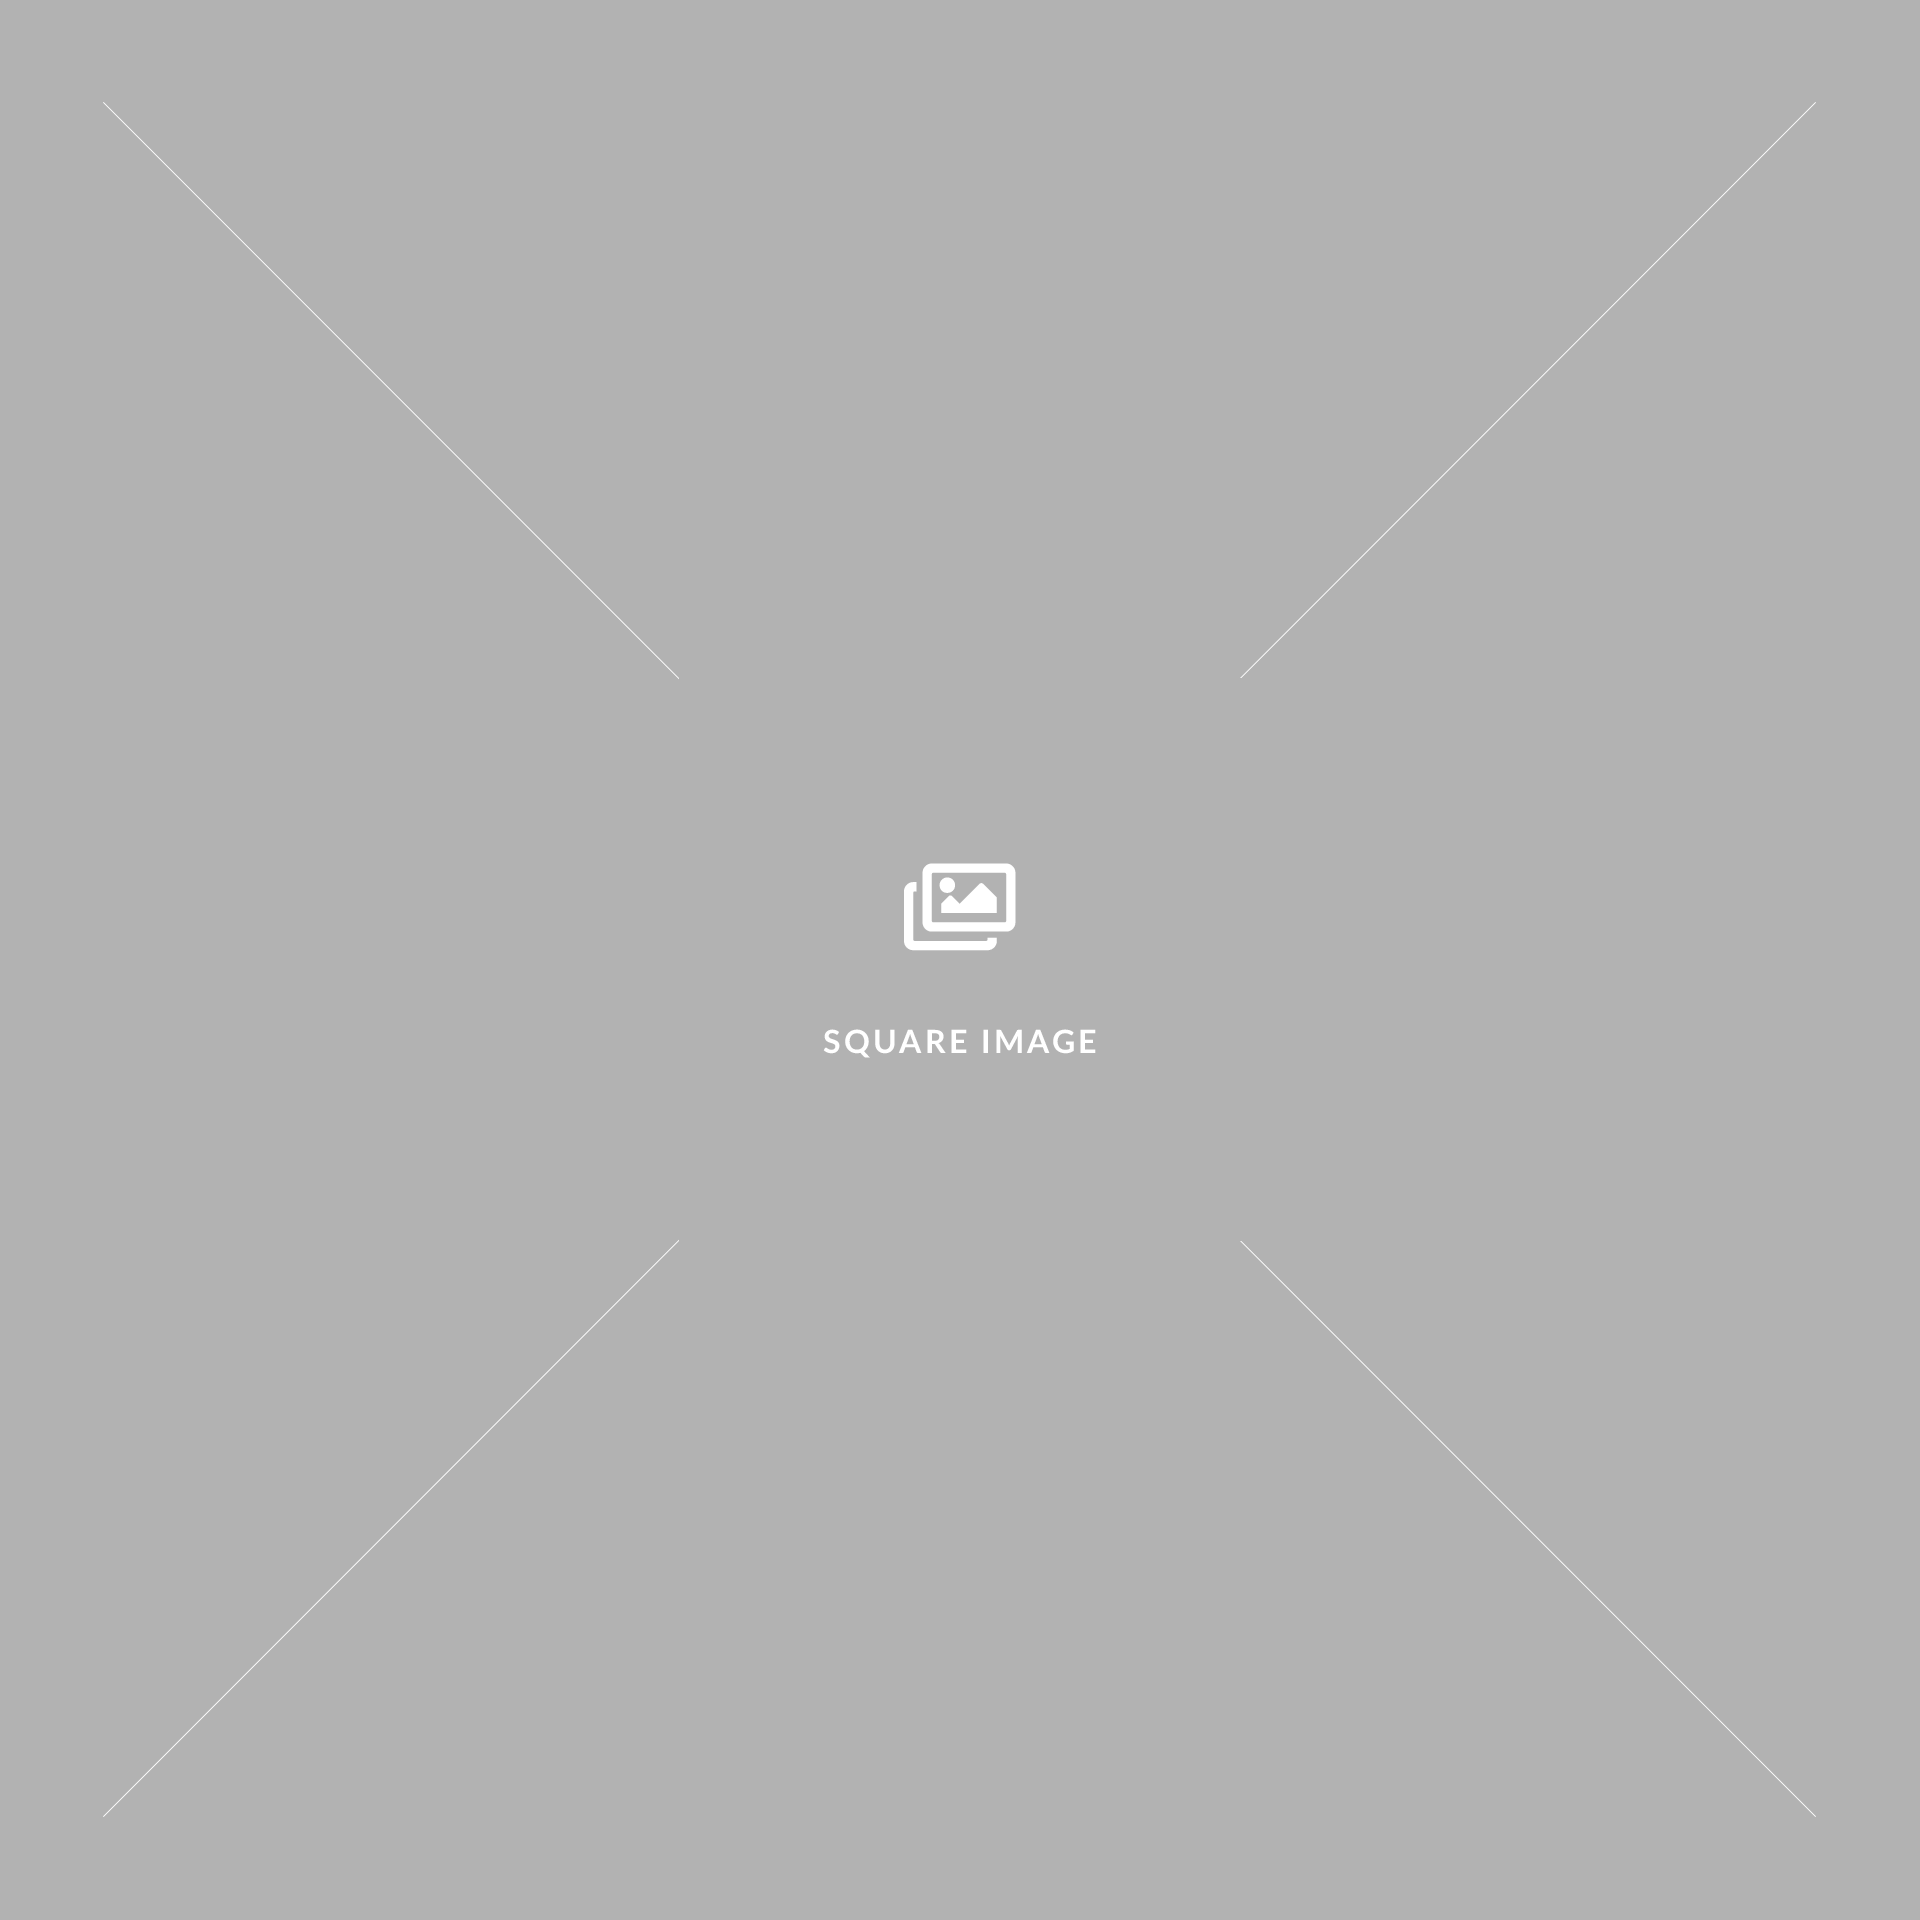 kwadratowy obrazek zastępczy